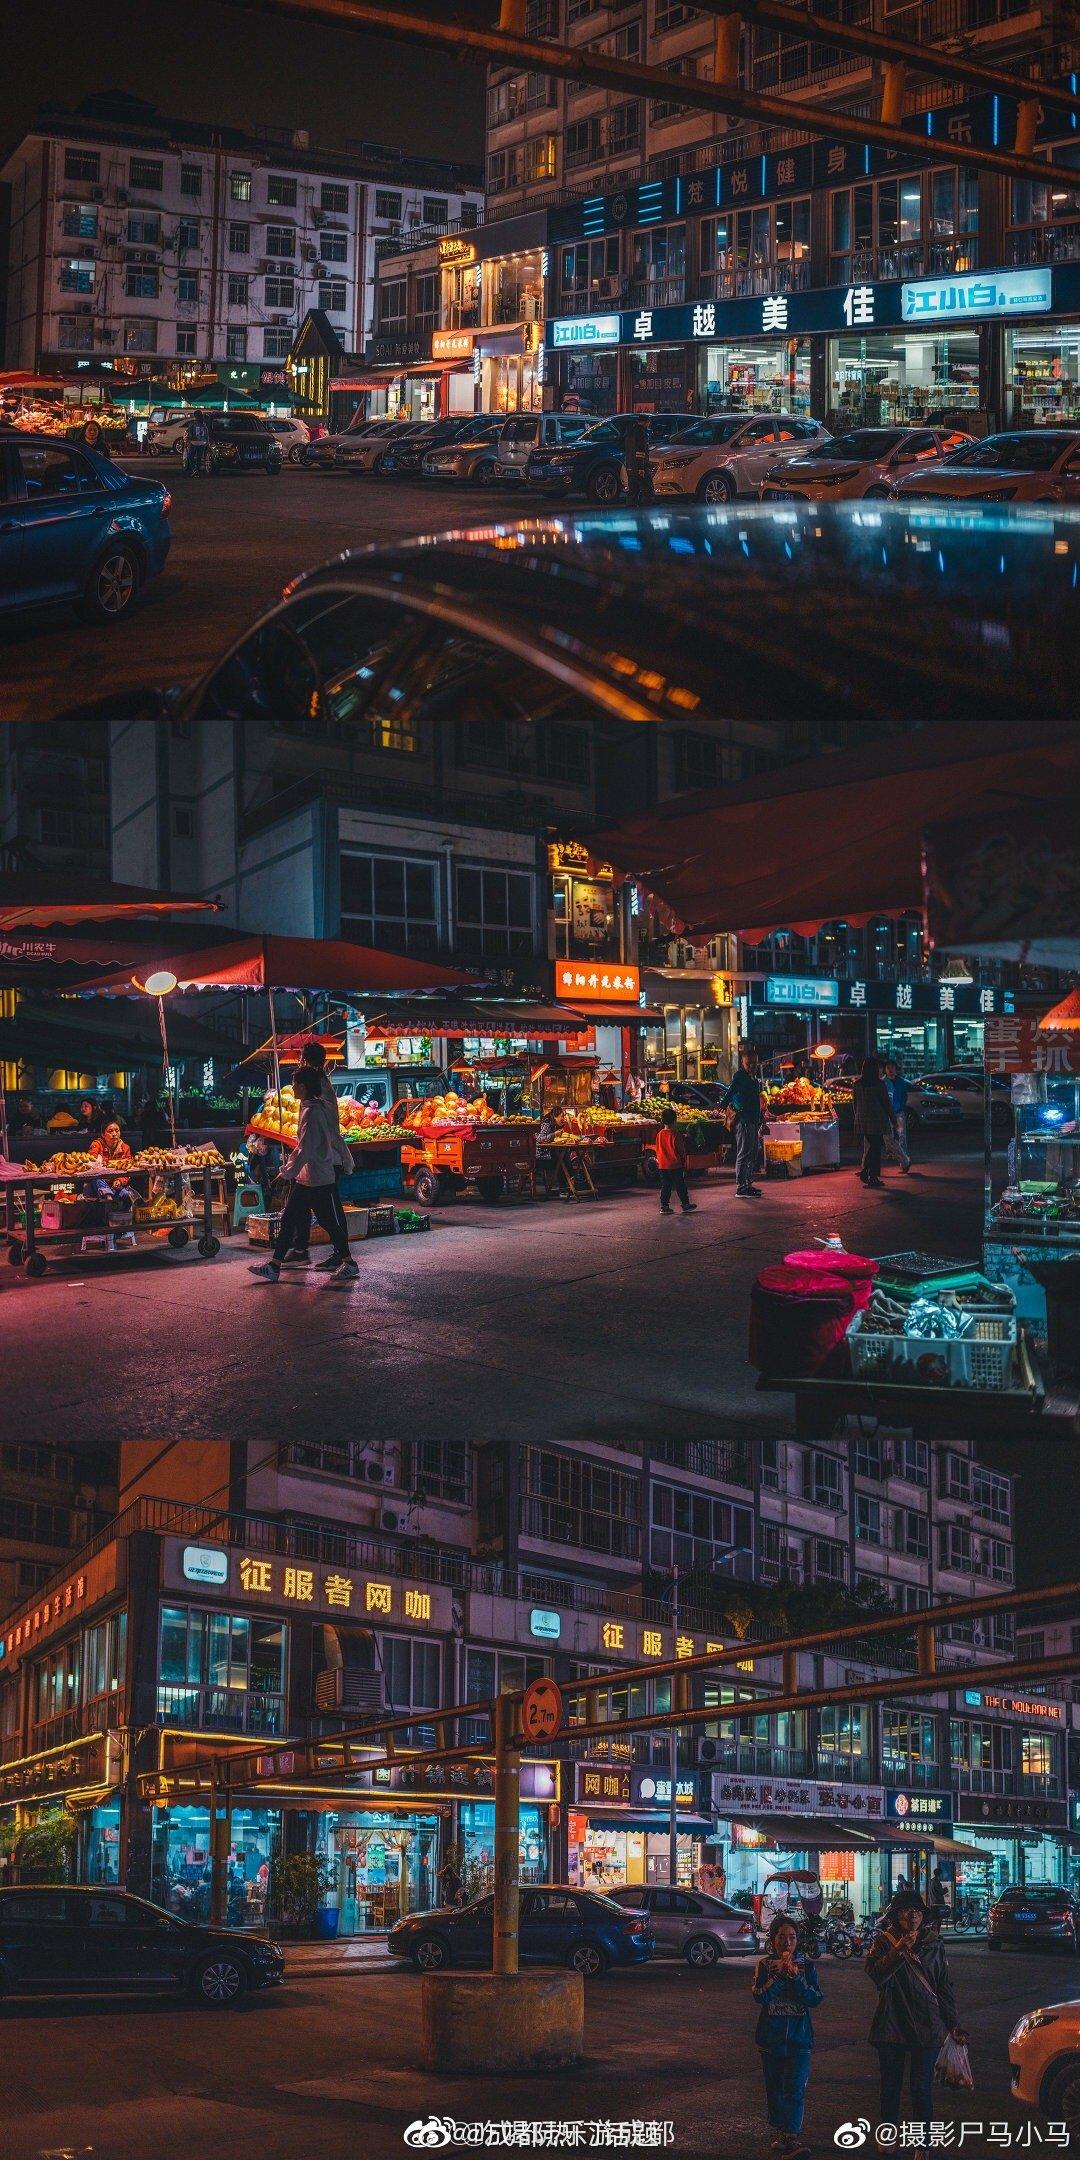 四川农业大学温江校区的惠民商业街,是打开成都小吃之旅的正确方式